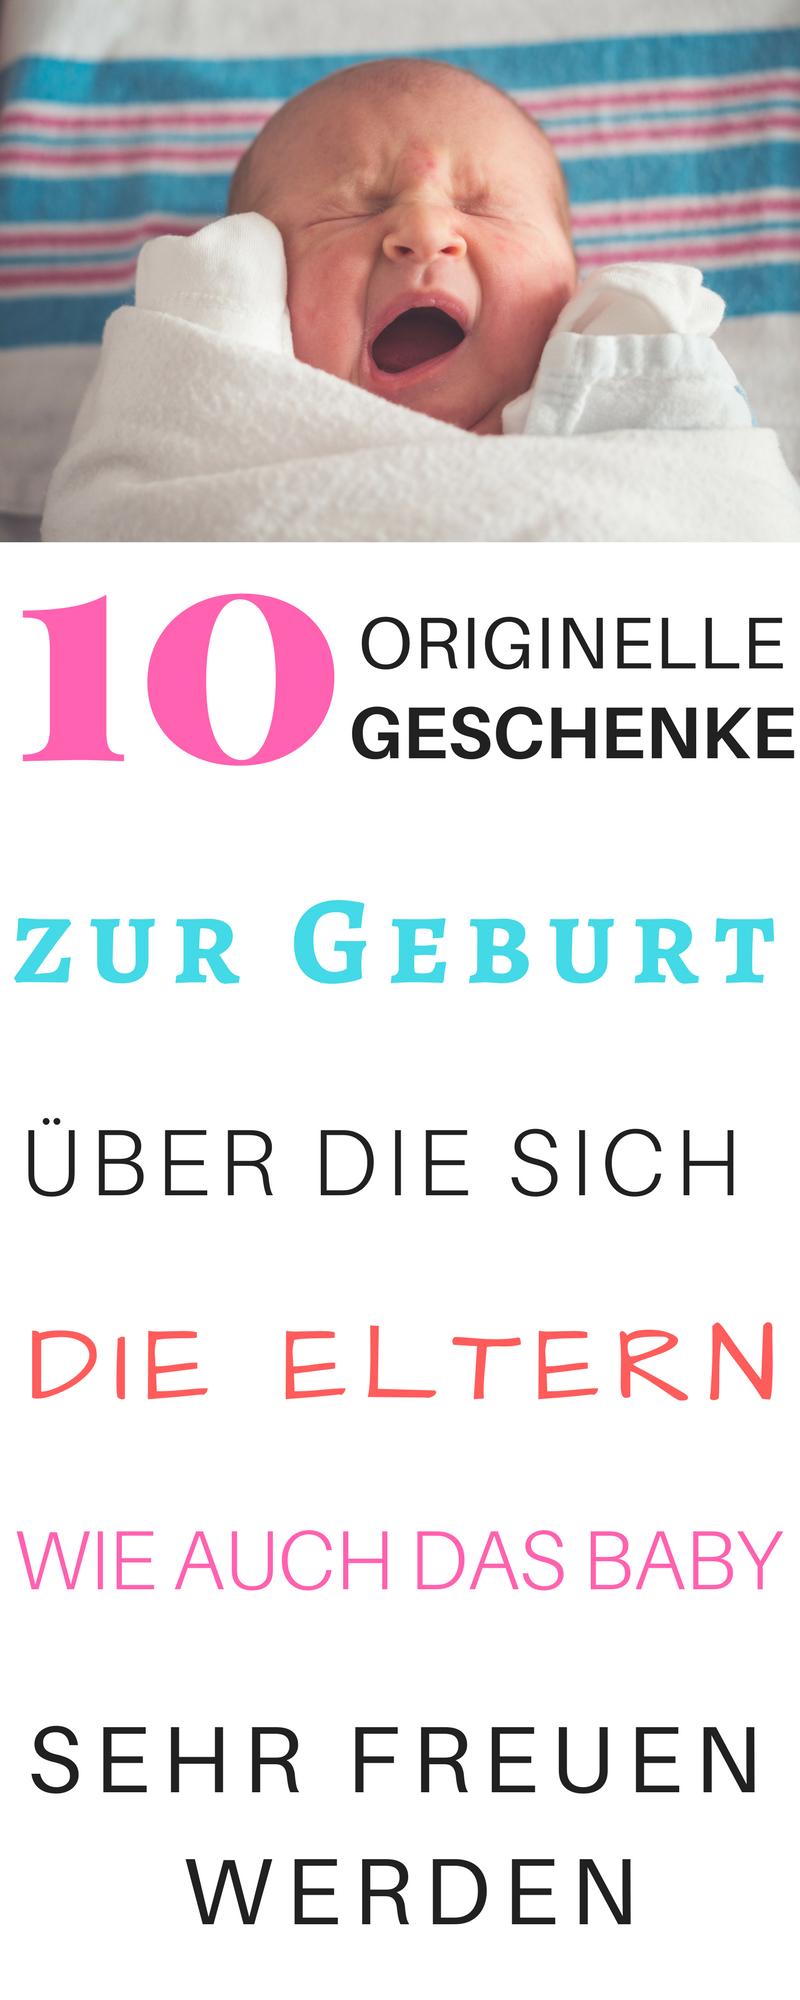 10 originelle Geschenke zur Geburt für Mädchen & Jungs | Pinterest ...